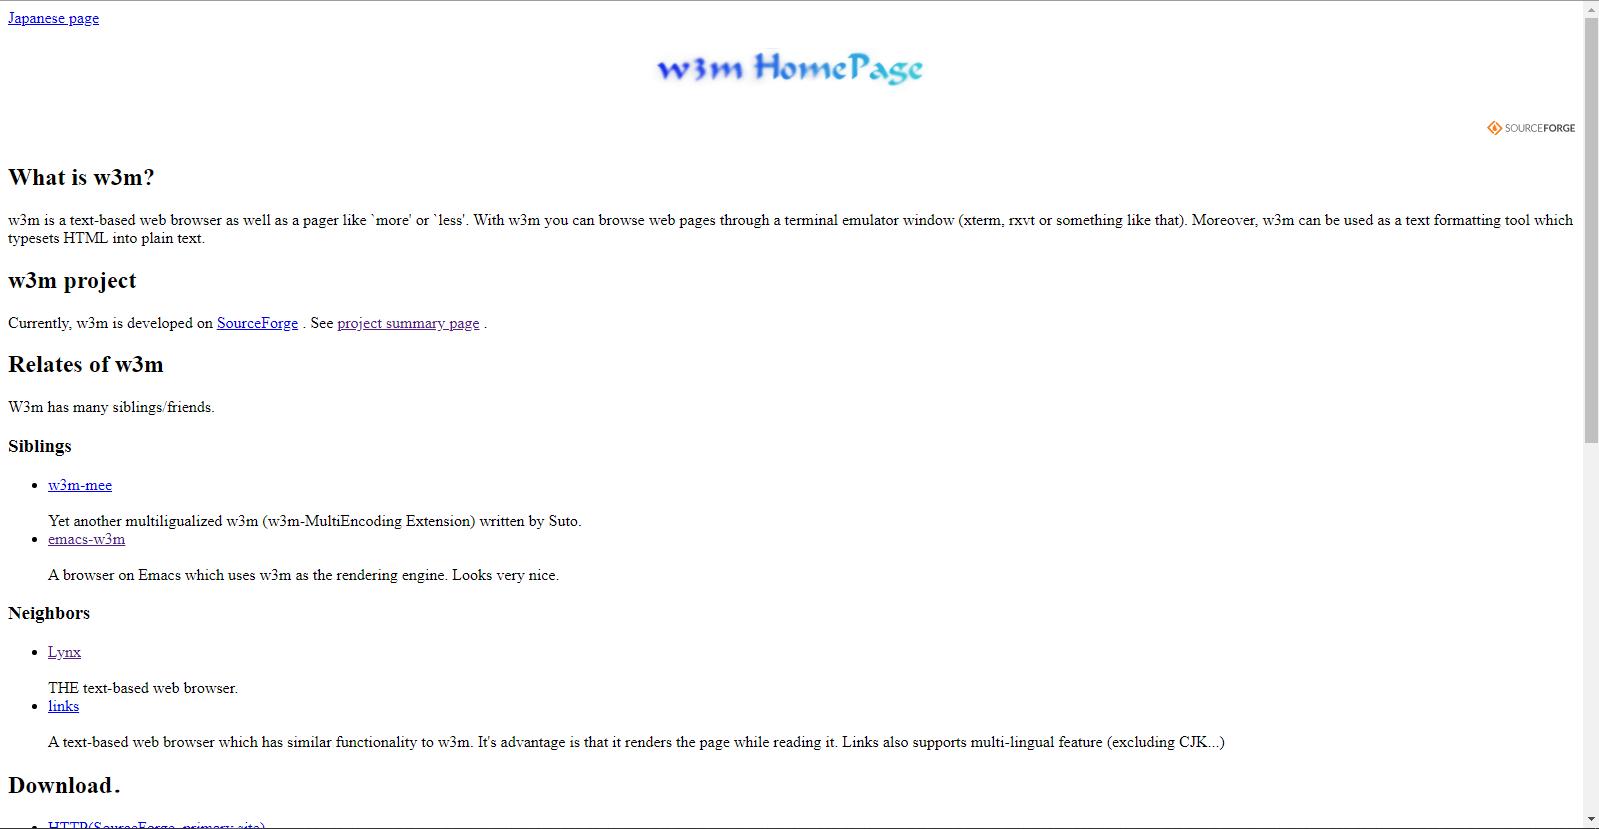 Официальная страница консольного браузера w3m